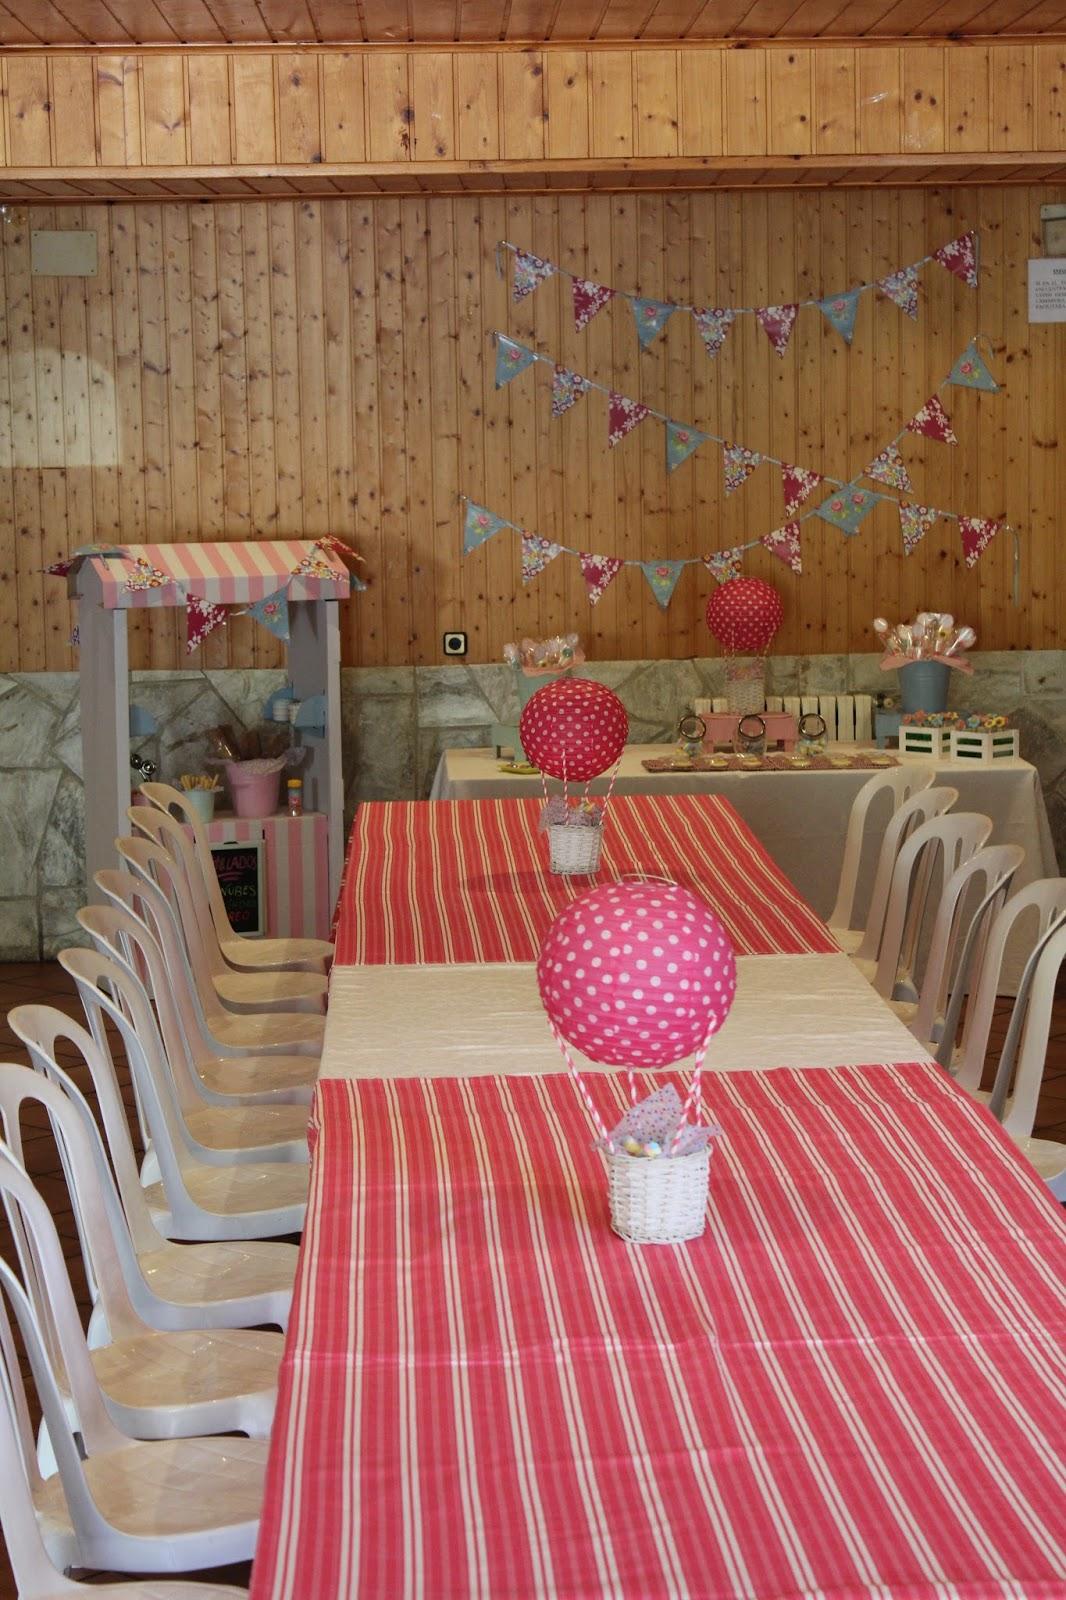 me encanta preparar y decorar cumpleaos infantiles me parece muy divertido y creativo